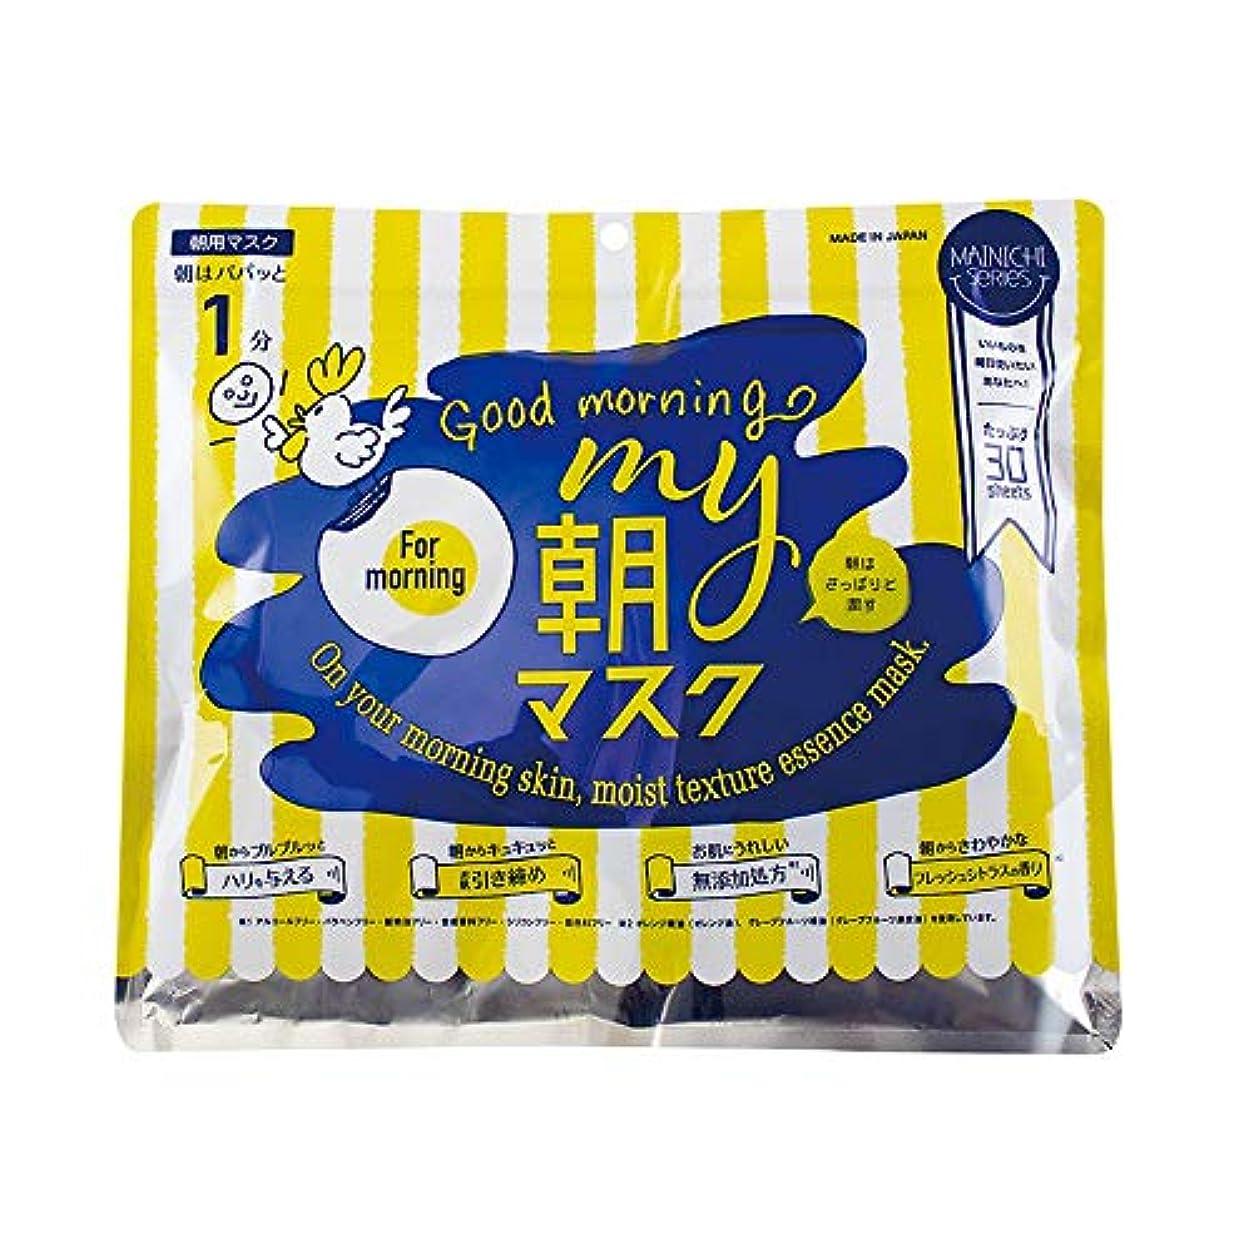 補助金コンサルタントテナントMAINICHI(マイニチ) MY朝マスク (30枚入)